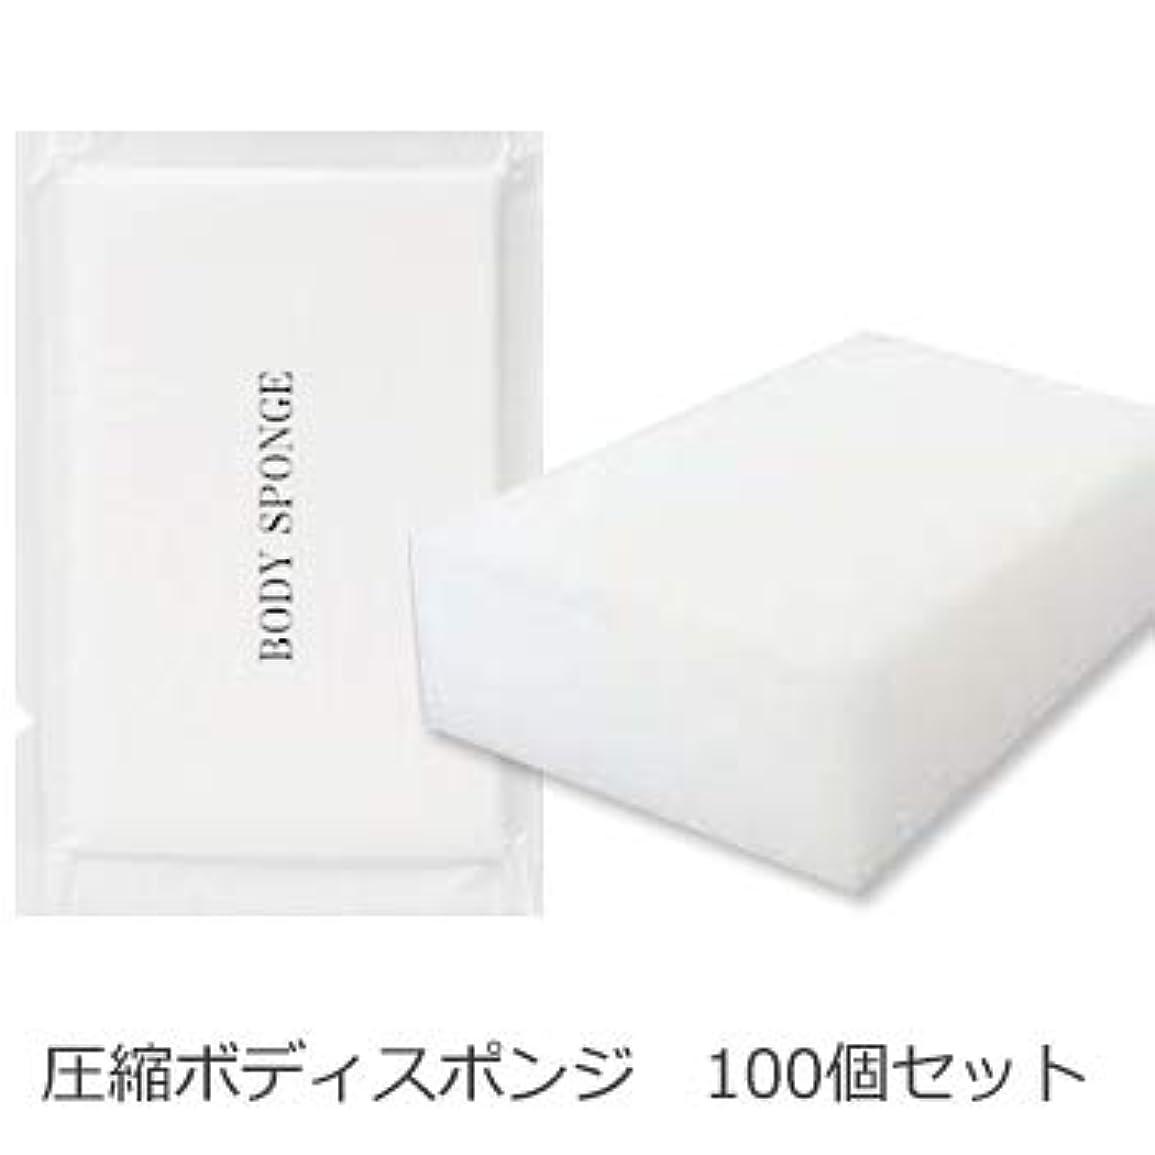 非行元のうそつきボディスポンジ 海綿タイプ 厚み 30mm (1セット100個入)1個当たり14円税別